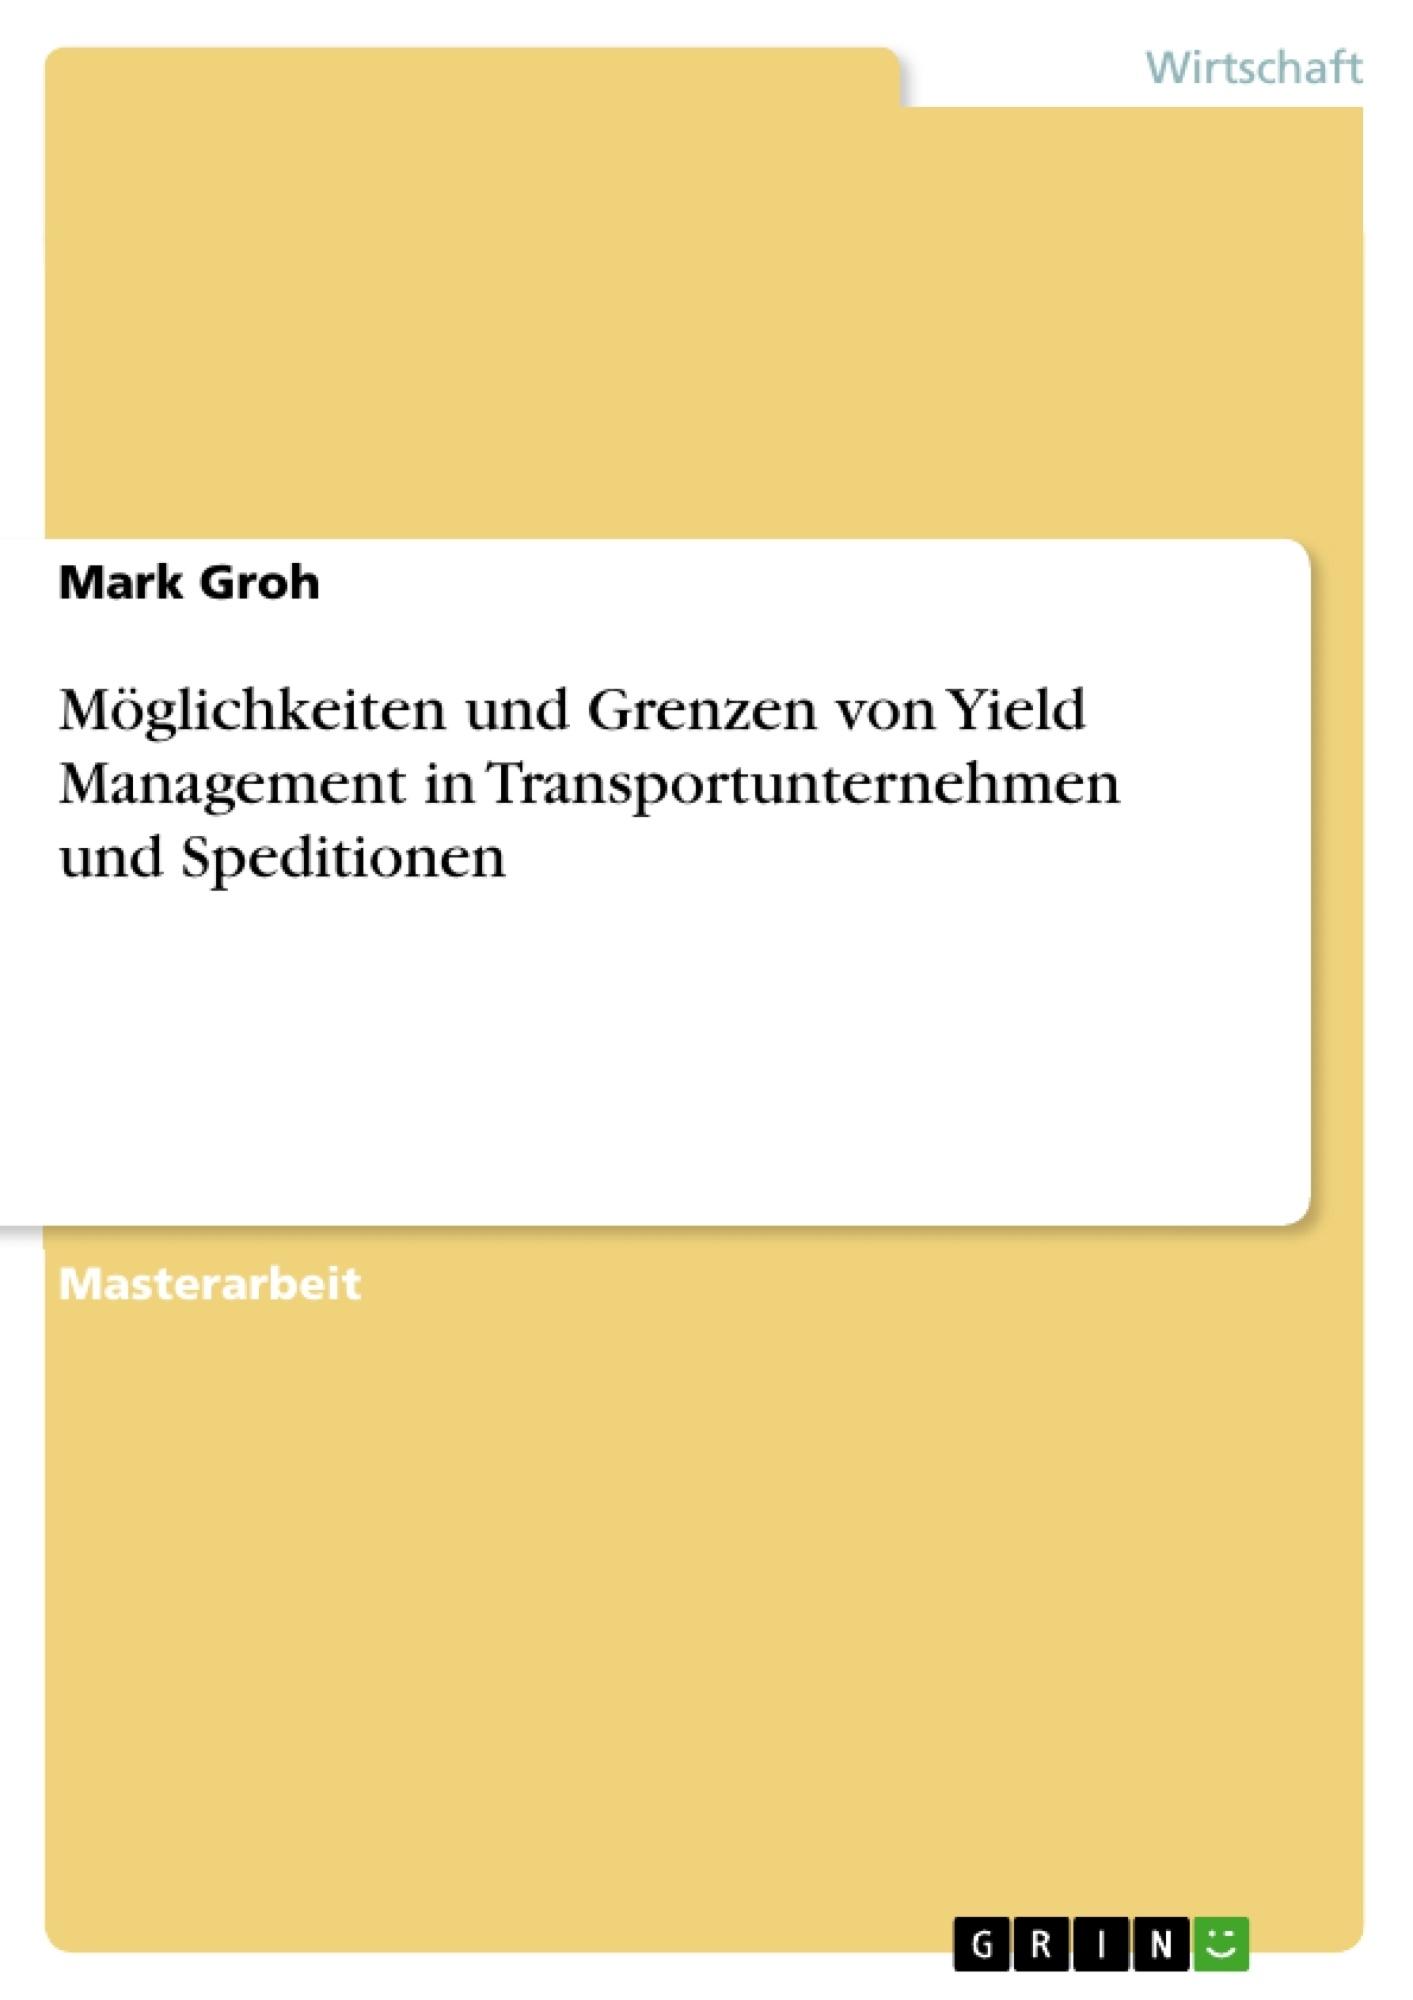 Titel: Möglichkeiten und Grenzen von Yield Management in Transportunternehmen und Speditionen